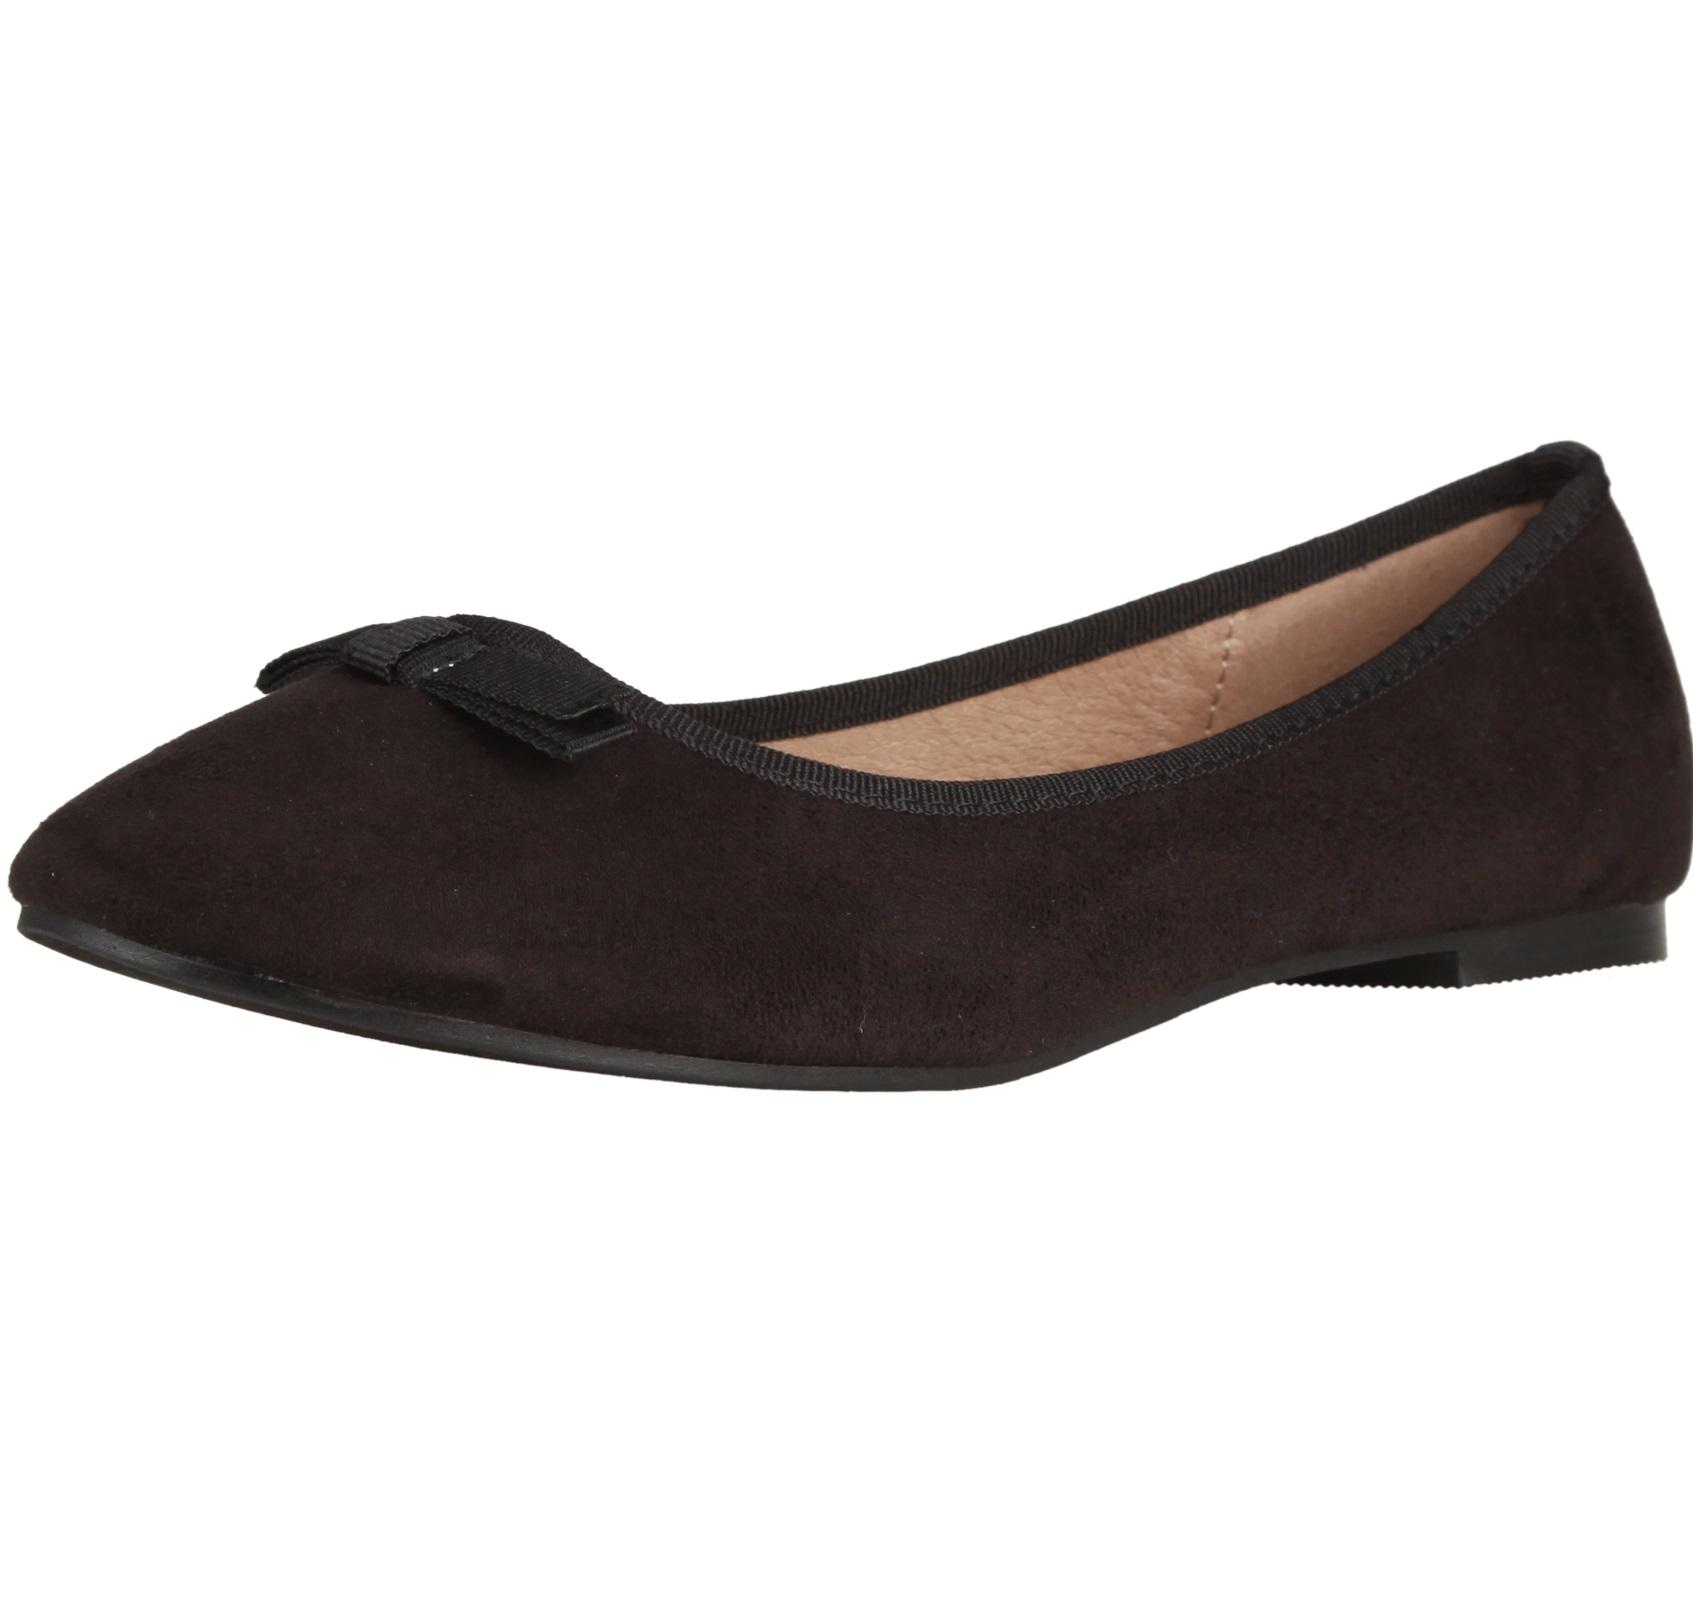 Ana Lublin Flat Shoes Lina Khaky Nero Rf600183